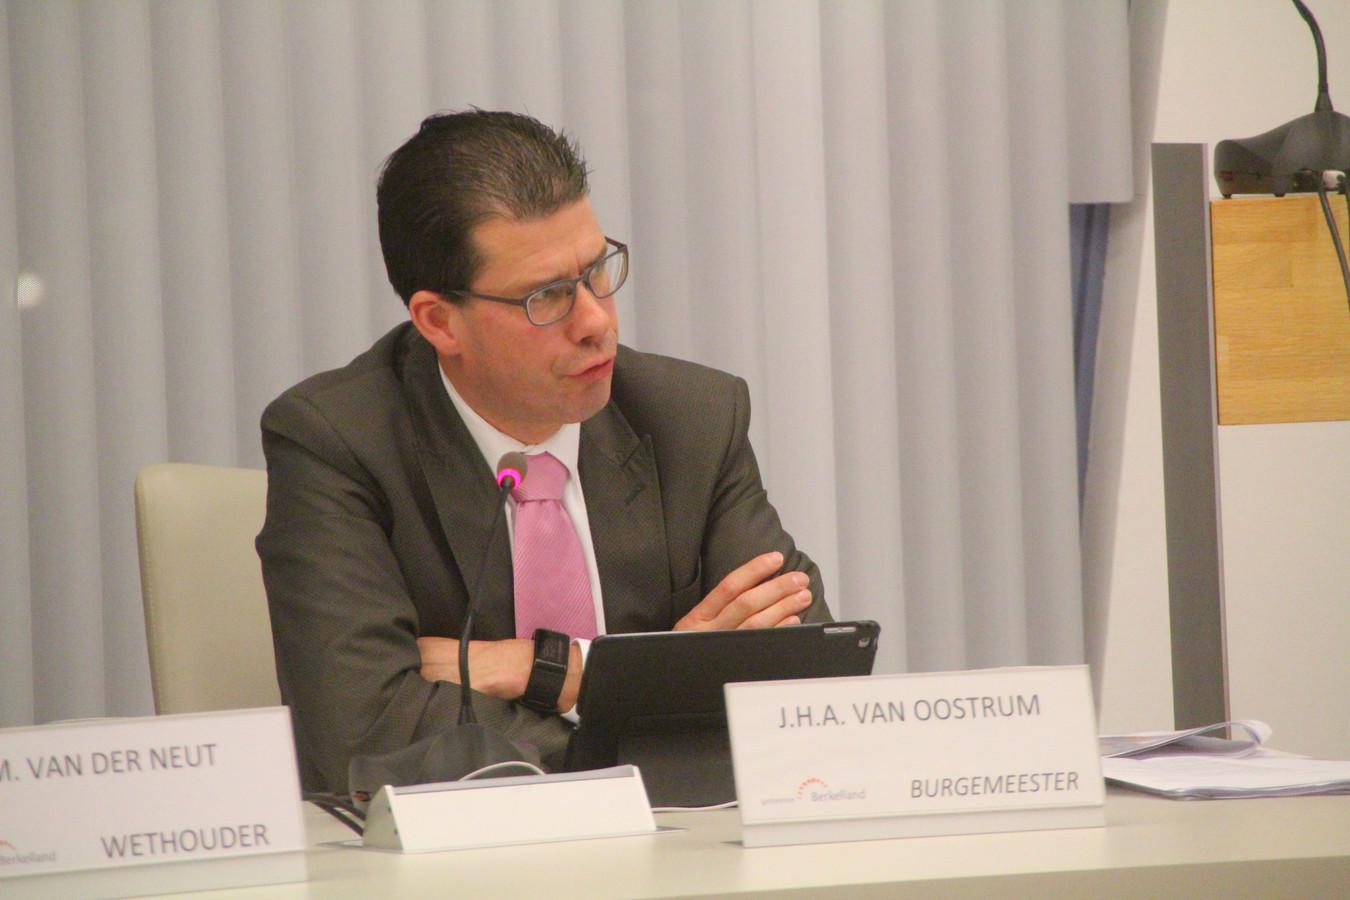 Burgemeester Joost van Oostrum wijst de kritiek van de SP Berkelland over het functioneren van de gemeenteraad tijdens de coronacrisis van de hand.